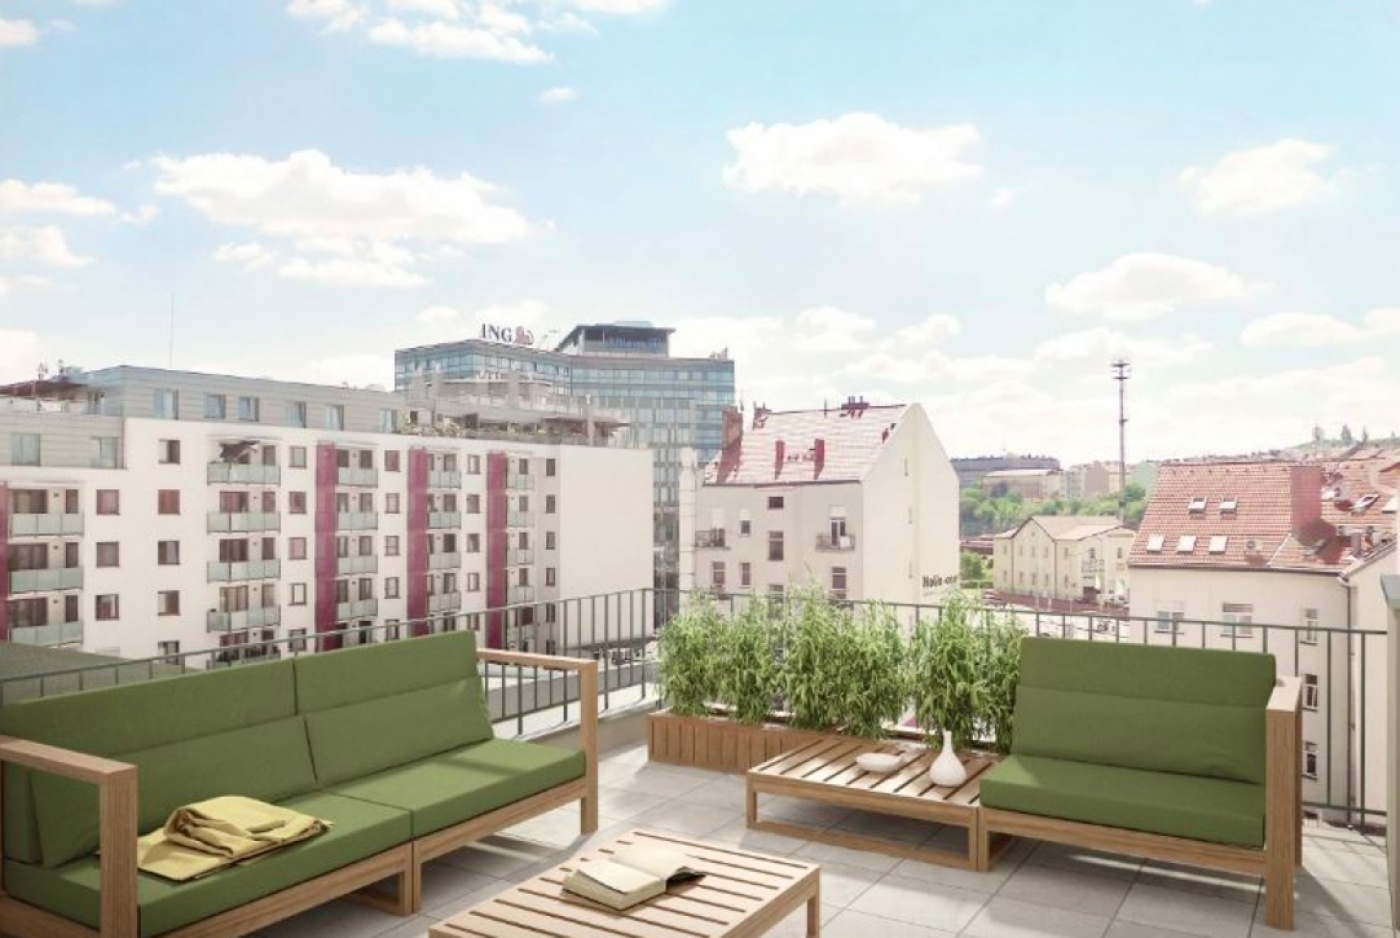 Půdní byt 2+kk, plocha 42 m², ulice Lihovarská, Praha 9 - Libeň, cena 4 419 000 Kč | 3